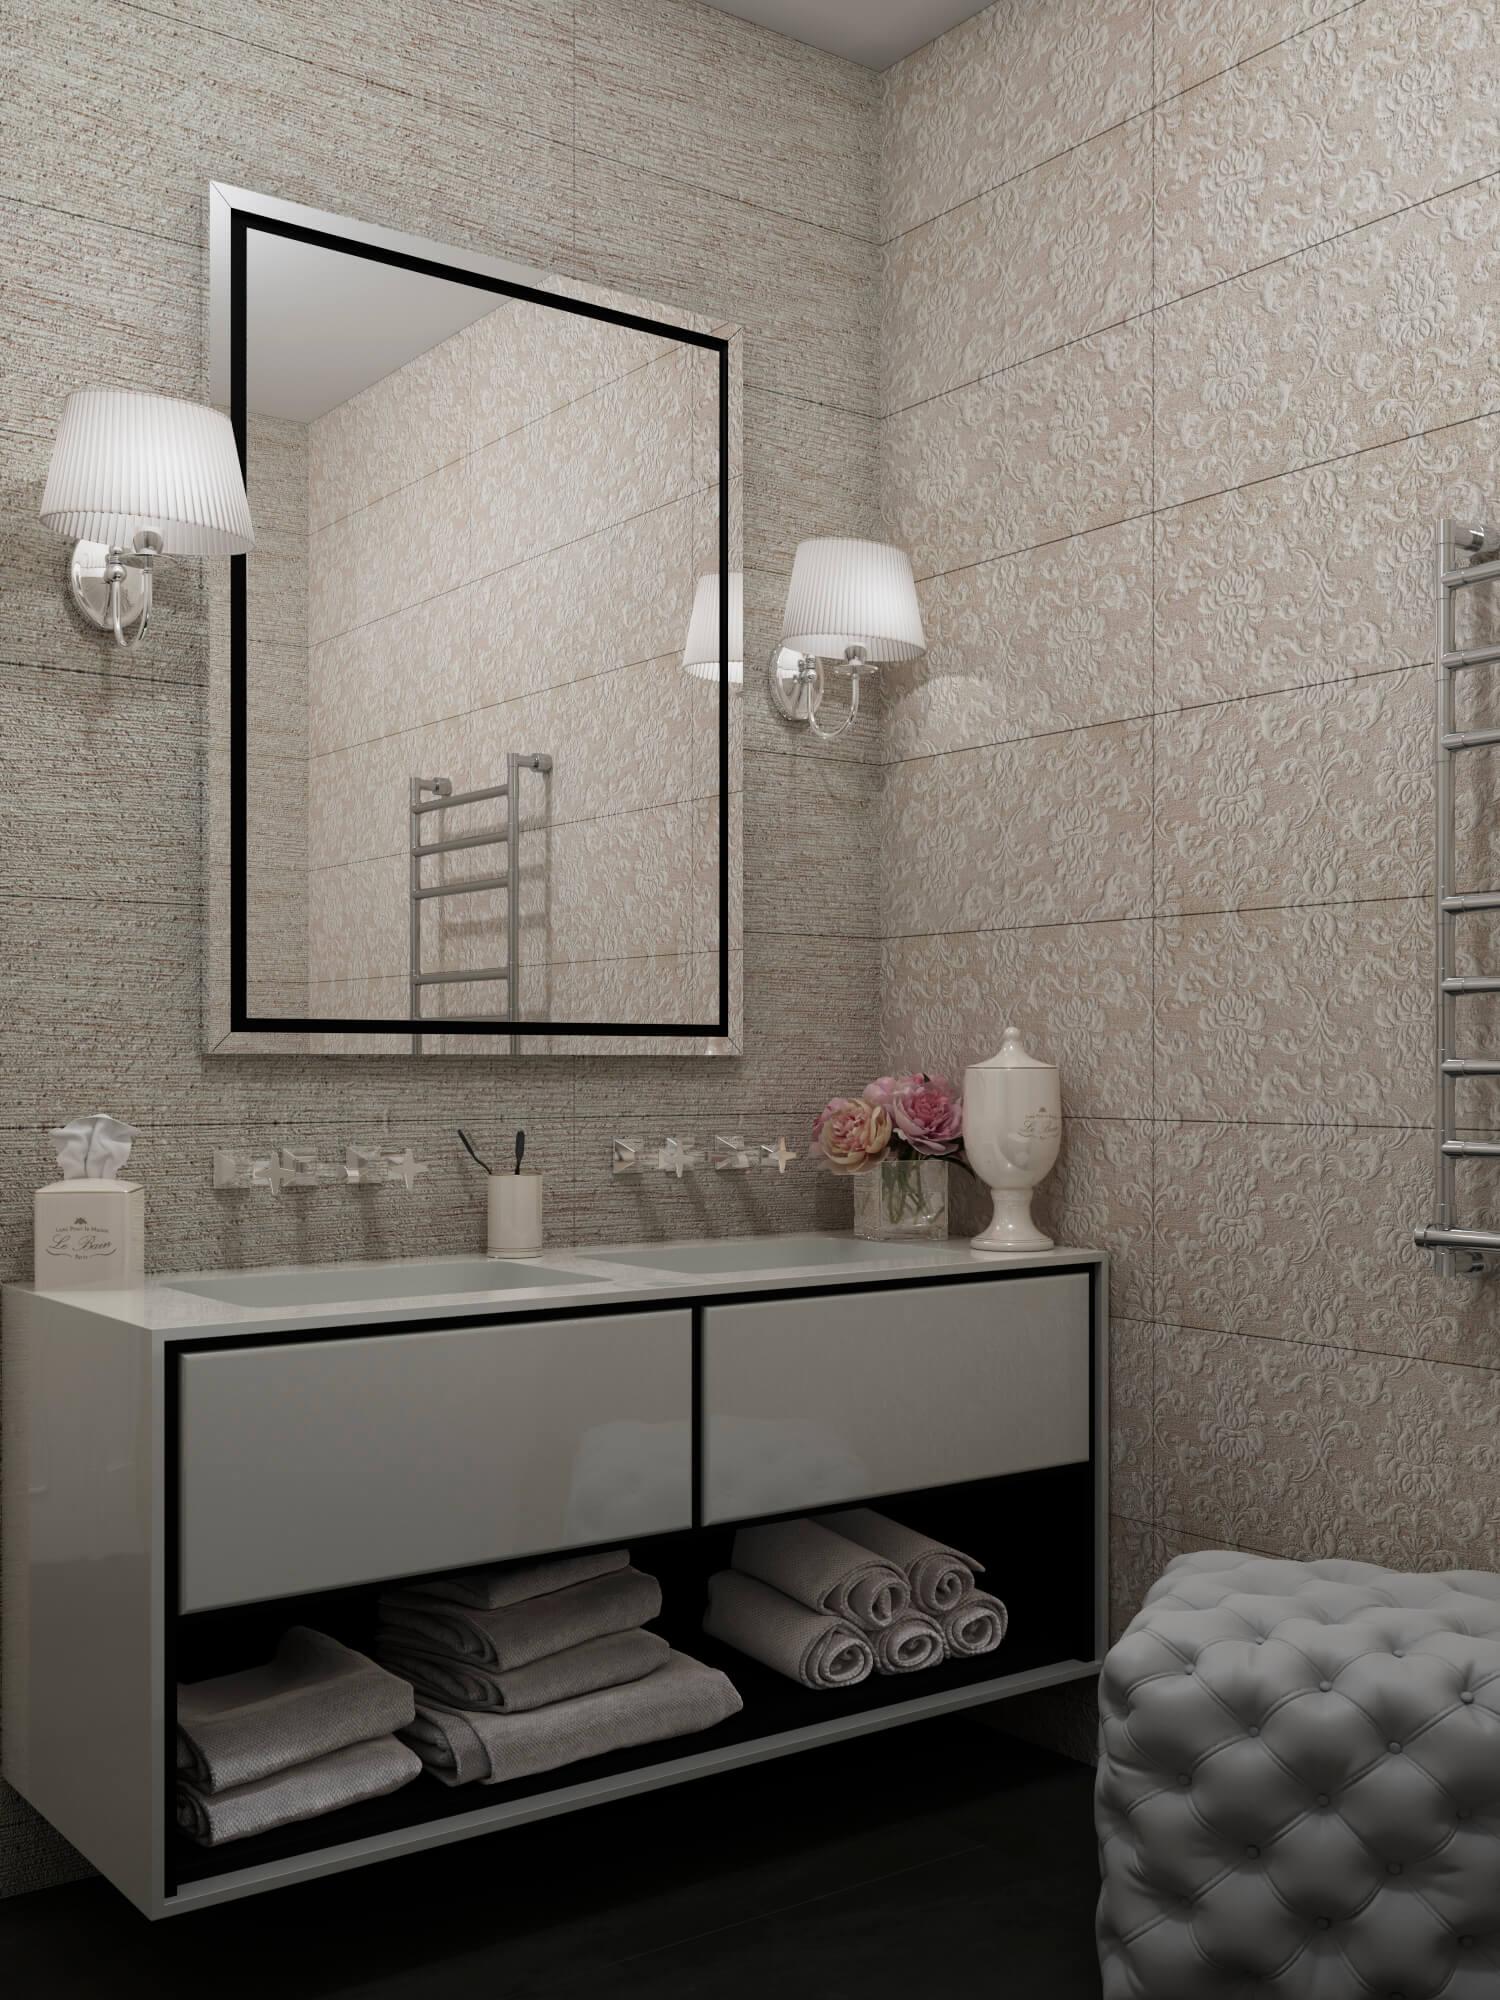 Заркало в ванной